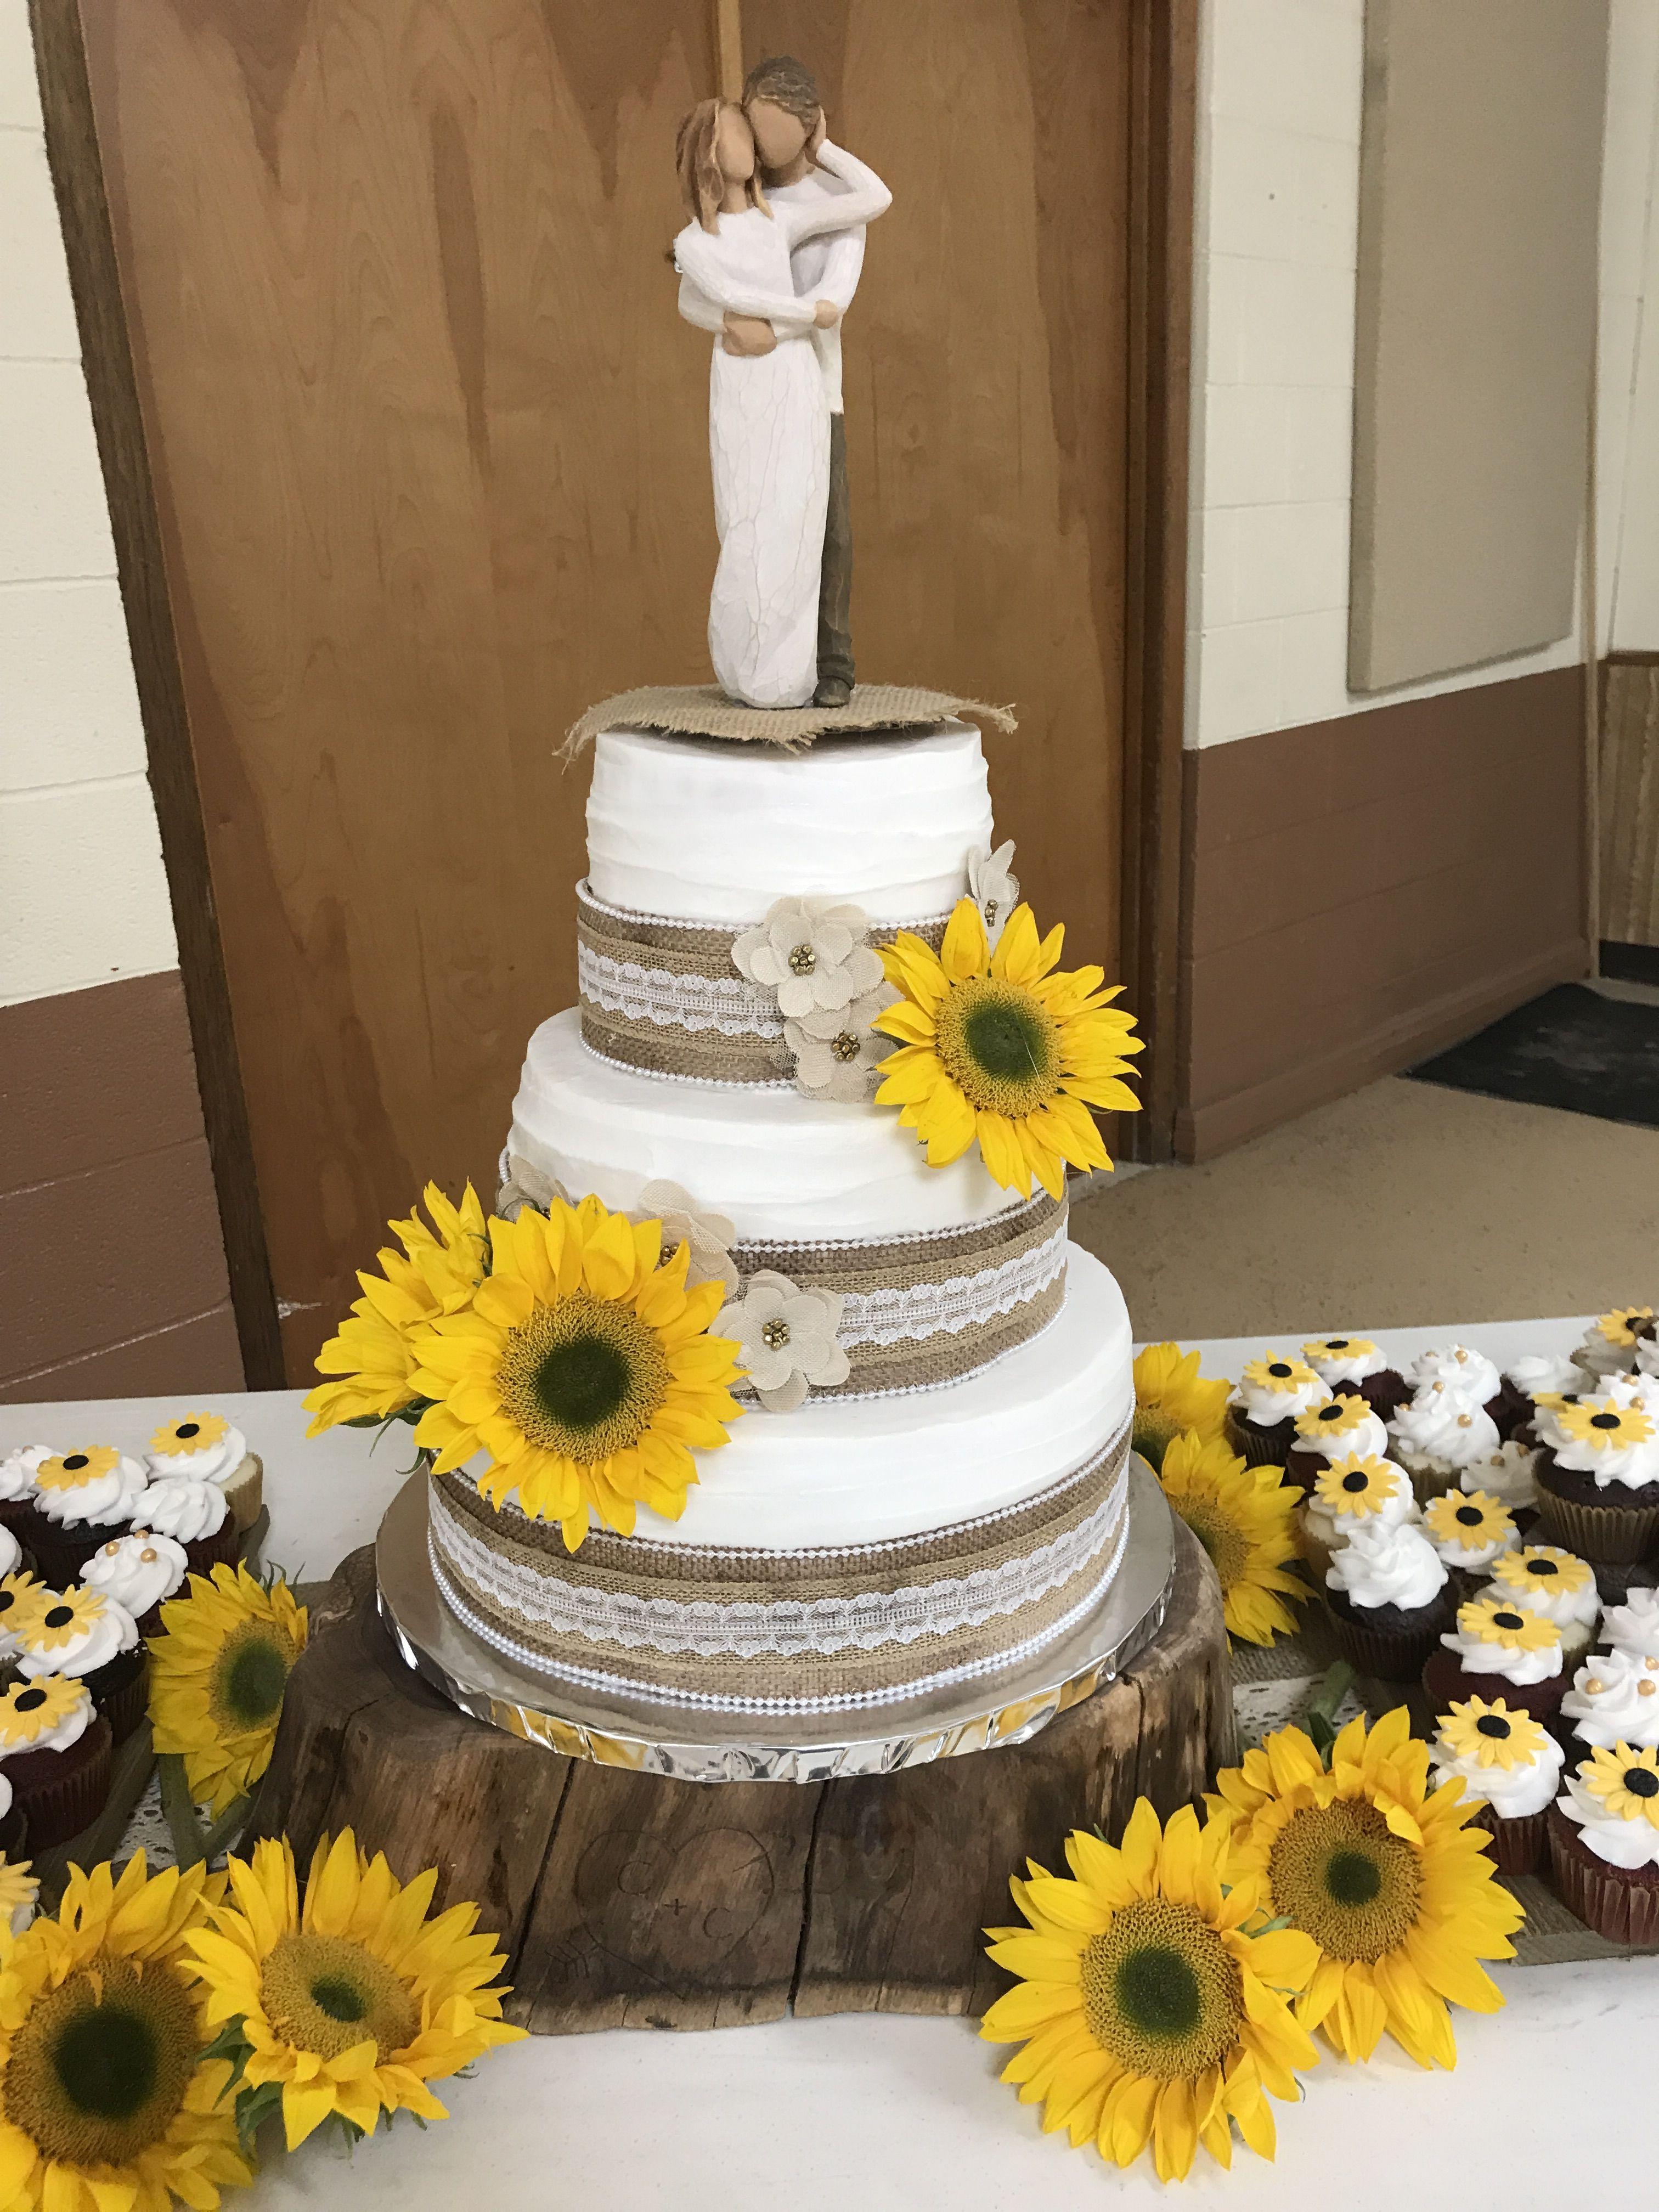 burlap theme wedding ake | Burlap wedding cake, Burlap